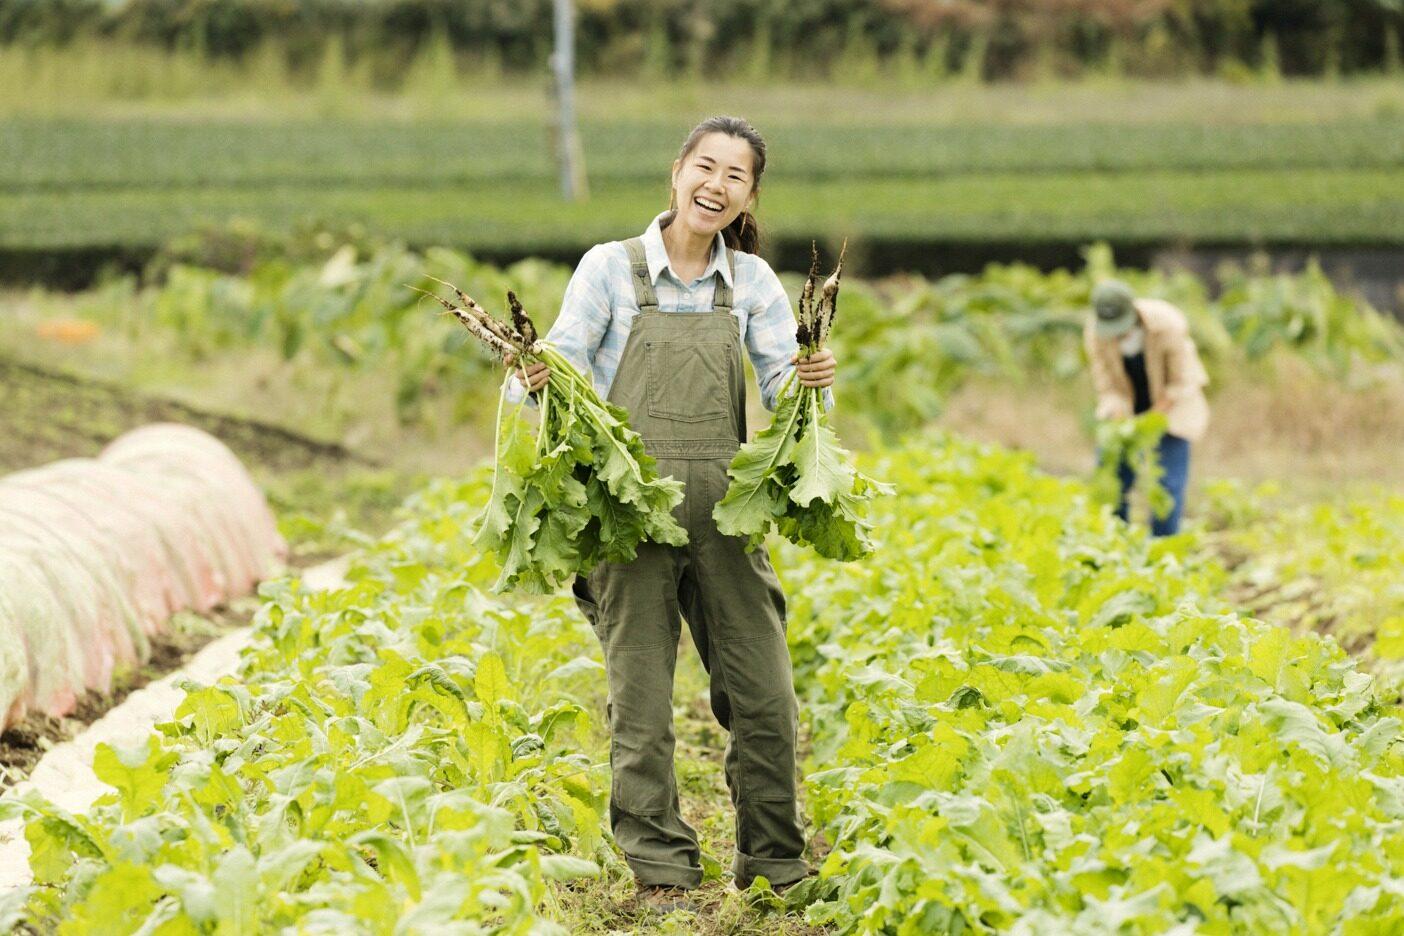 青梅の有機農家、「Ome Farm」の畑で伝統野菜であるシナガワカブを収穫する。シナガワカブは江戸期から始まる東京の野菜文化を継承する在来種だ。写真 : 五十嵐 一晴